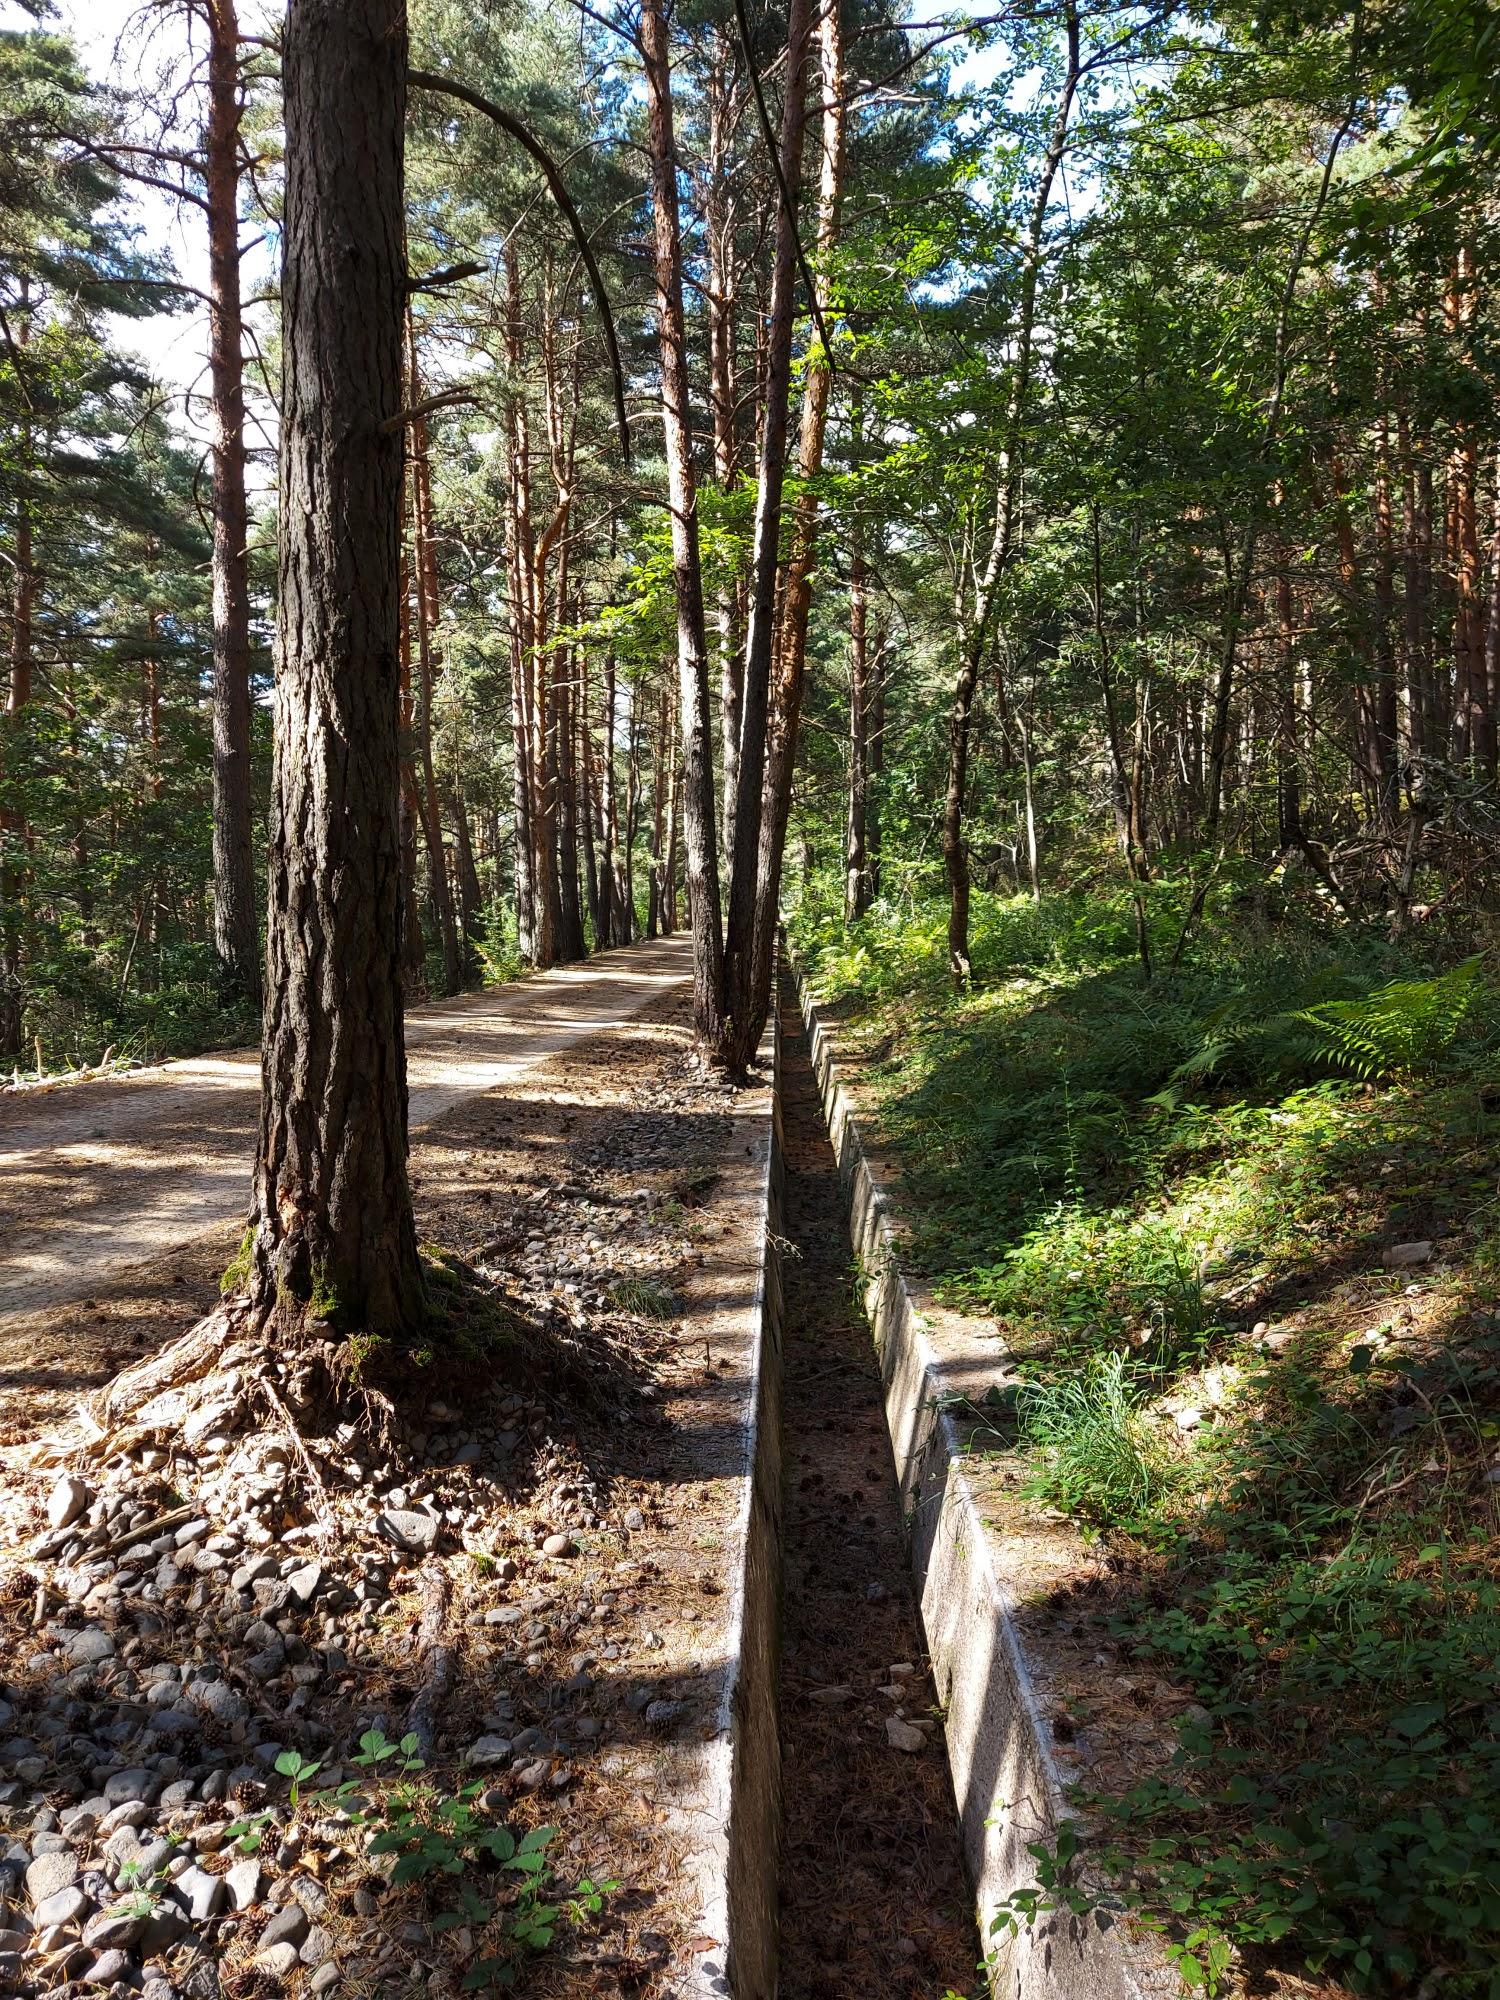 Die auf beiden Seiten vorhanden Gräben zeigen auf, dass hier in den 20er Jahren vermehrt neue Werkstoffe wie Beton eingesetzt wurden.